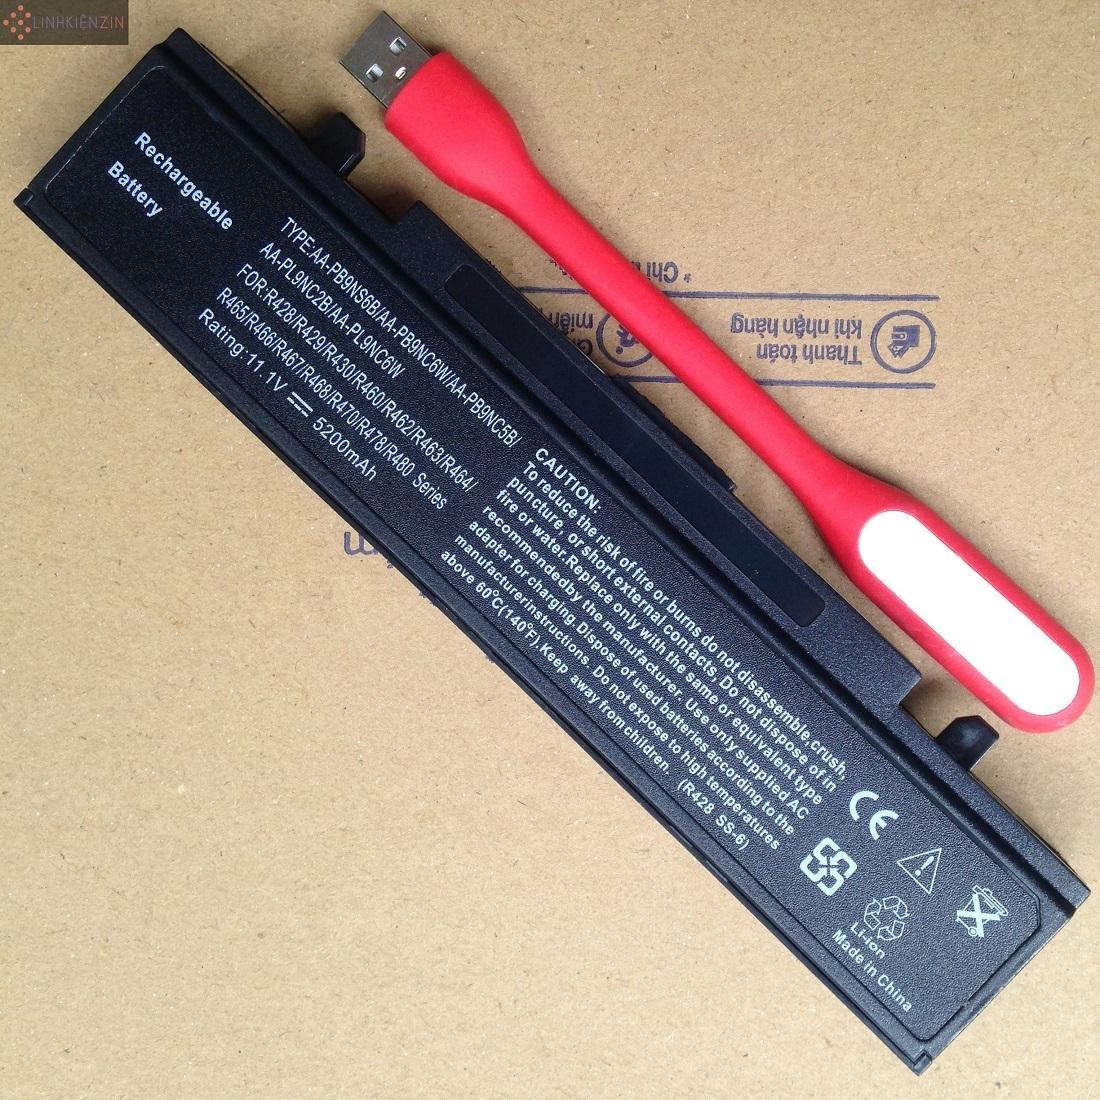 Pin cho Laptop Samsung NP R460 R462 R463 R463H R464 Hàng Nhập Khẩu Bảo Hành Toàn Quốc 12 Tháng